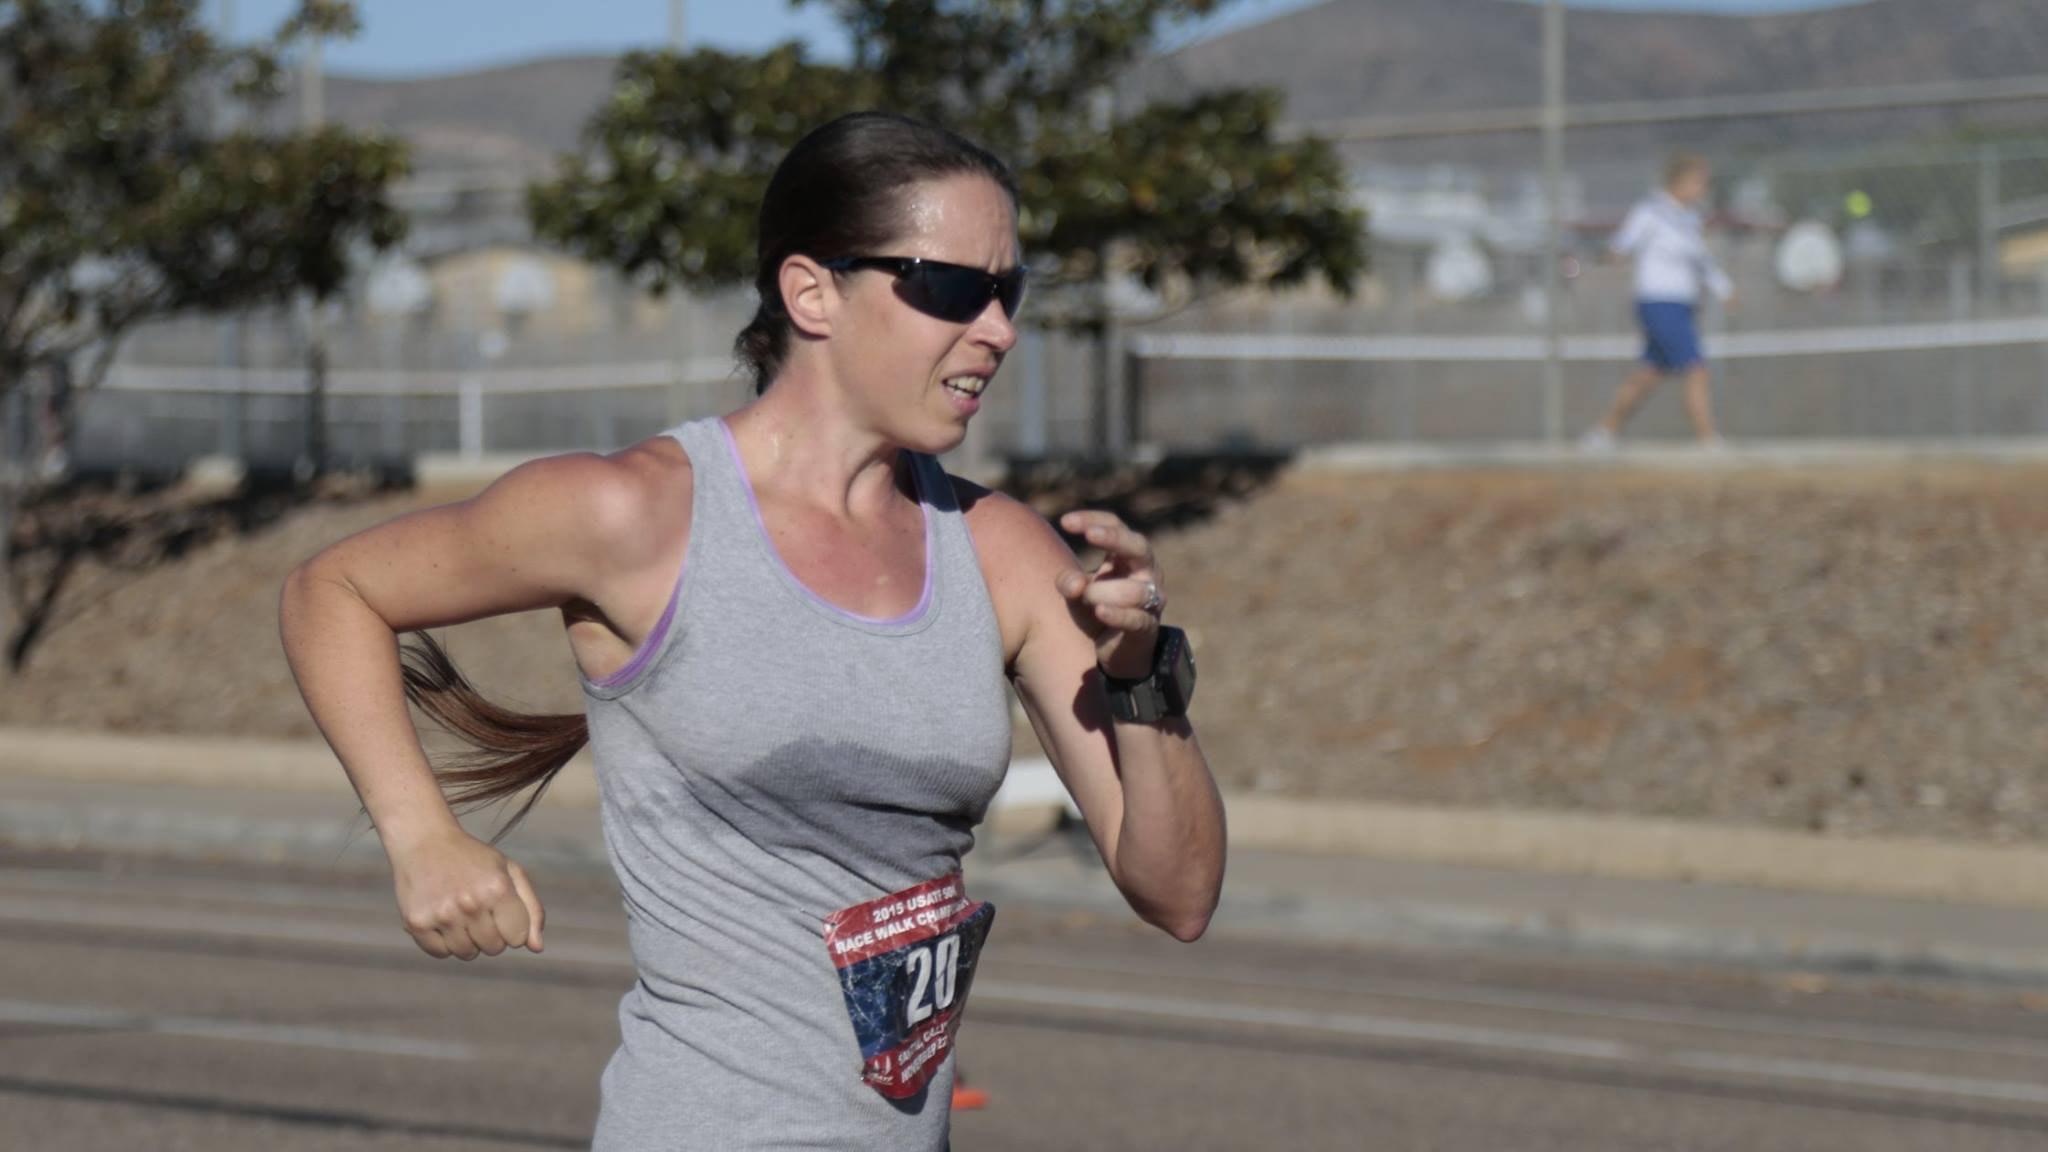 Erin Taylor-Talcott US Race Walker